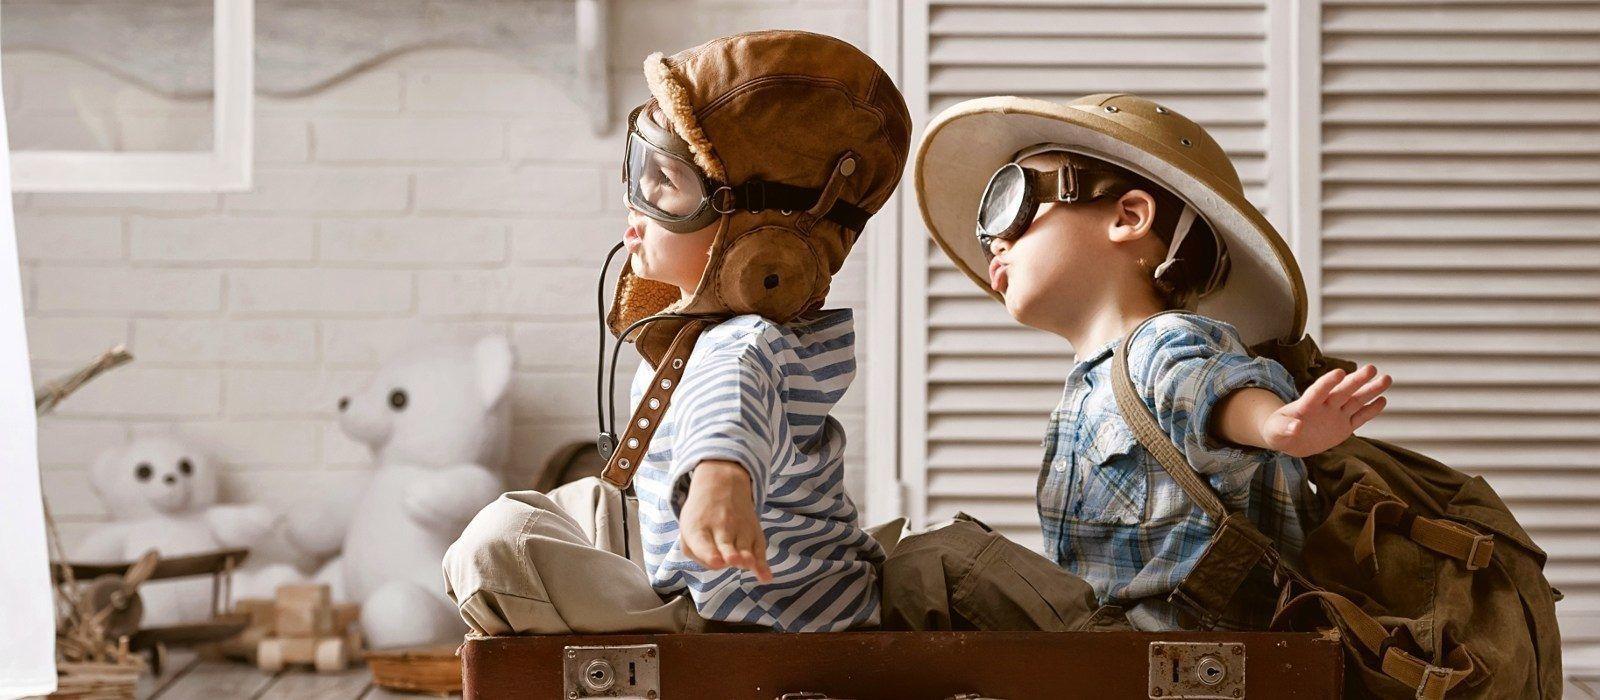 راهنمای سفر با کودکان ؛ نکات و توصیههایی که لازم دارید